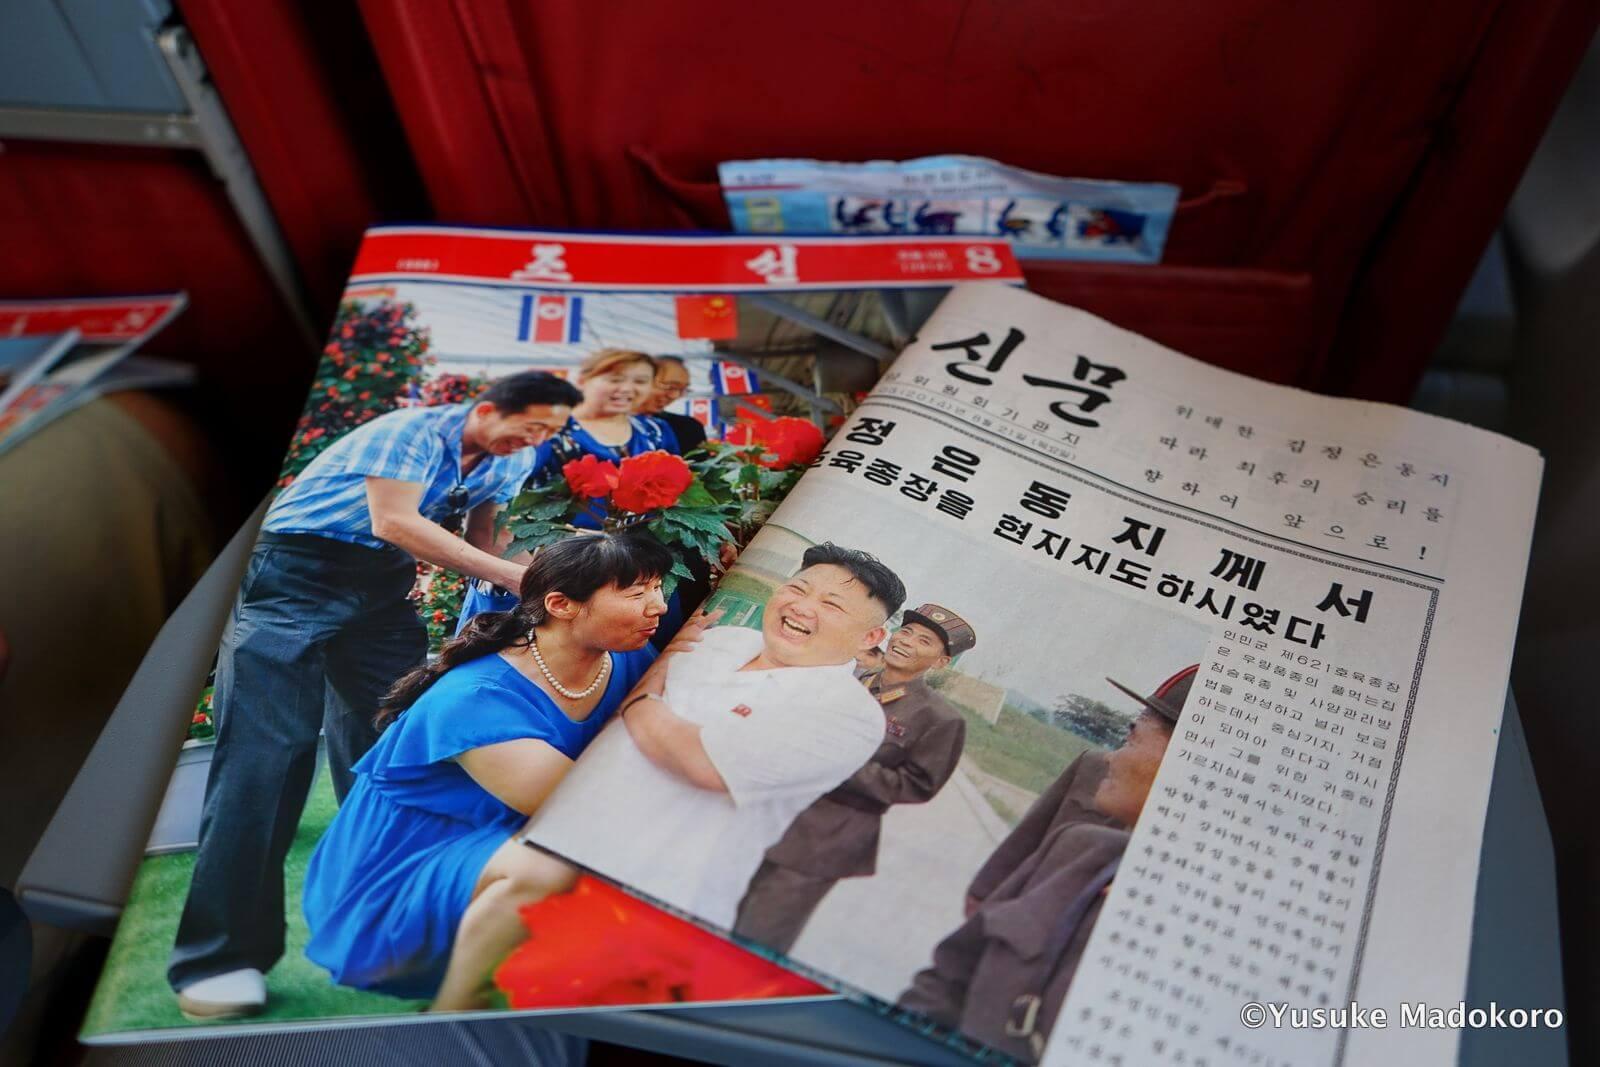 高麗航空機内の労働新聞